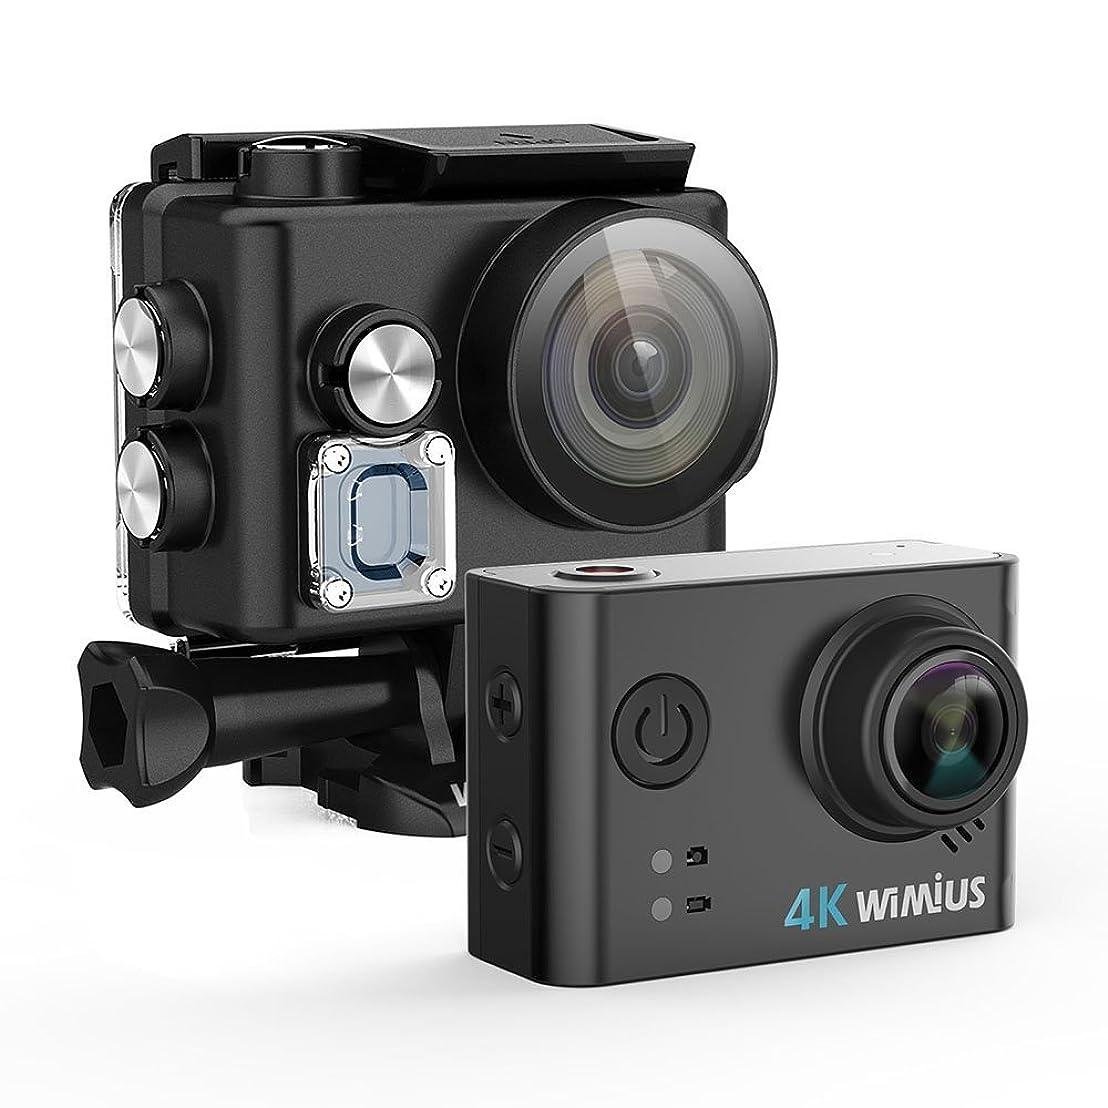 害パーセント不条理COOCHEER アクションカメラ 4K スポーツカメラ 防水30M 1600画素 WiFi搭載 170度広角 2インチLCD 64GBカード対応 HDMI出力 二つバッテリー ダイビング/スイミング/サーフィン 水中カメラ【一年保障 と 日本語説明書付き】